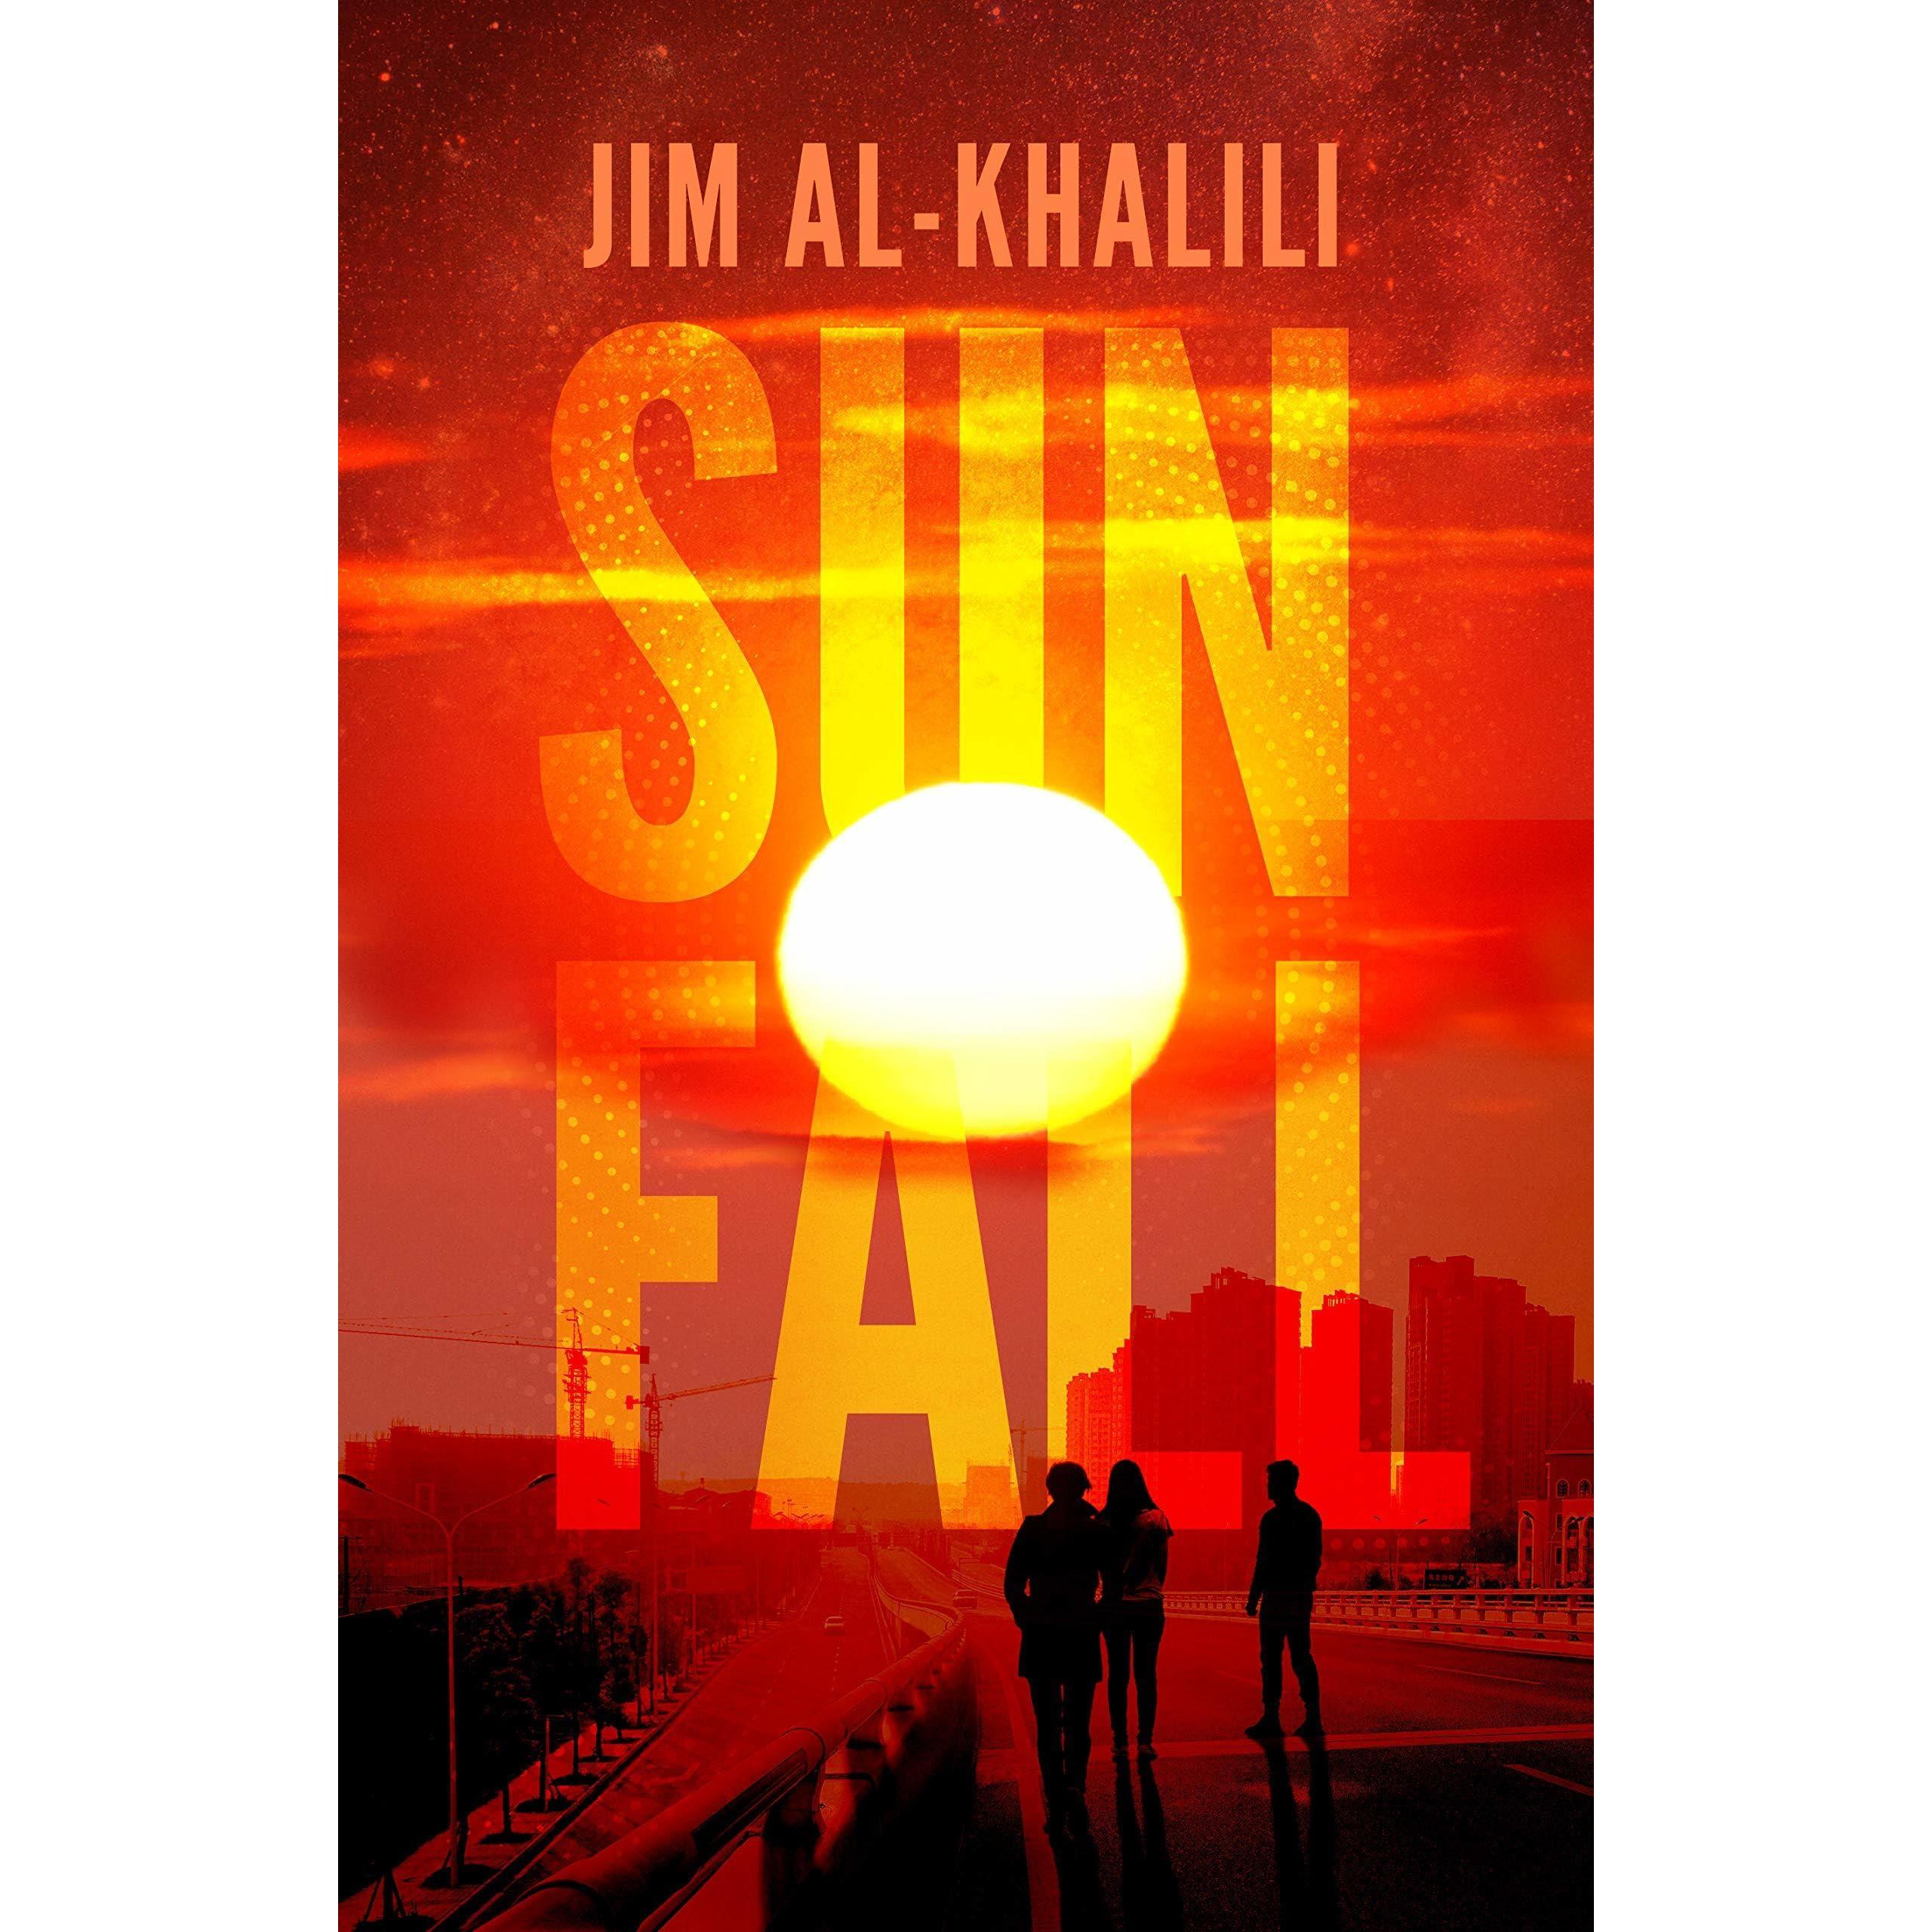 Sunfall by Jim Al-Khalili